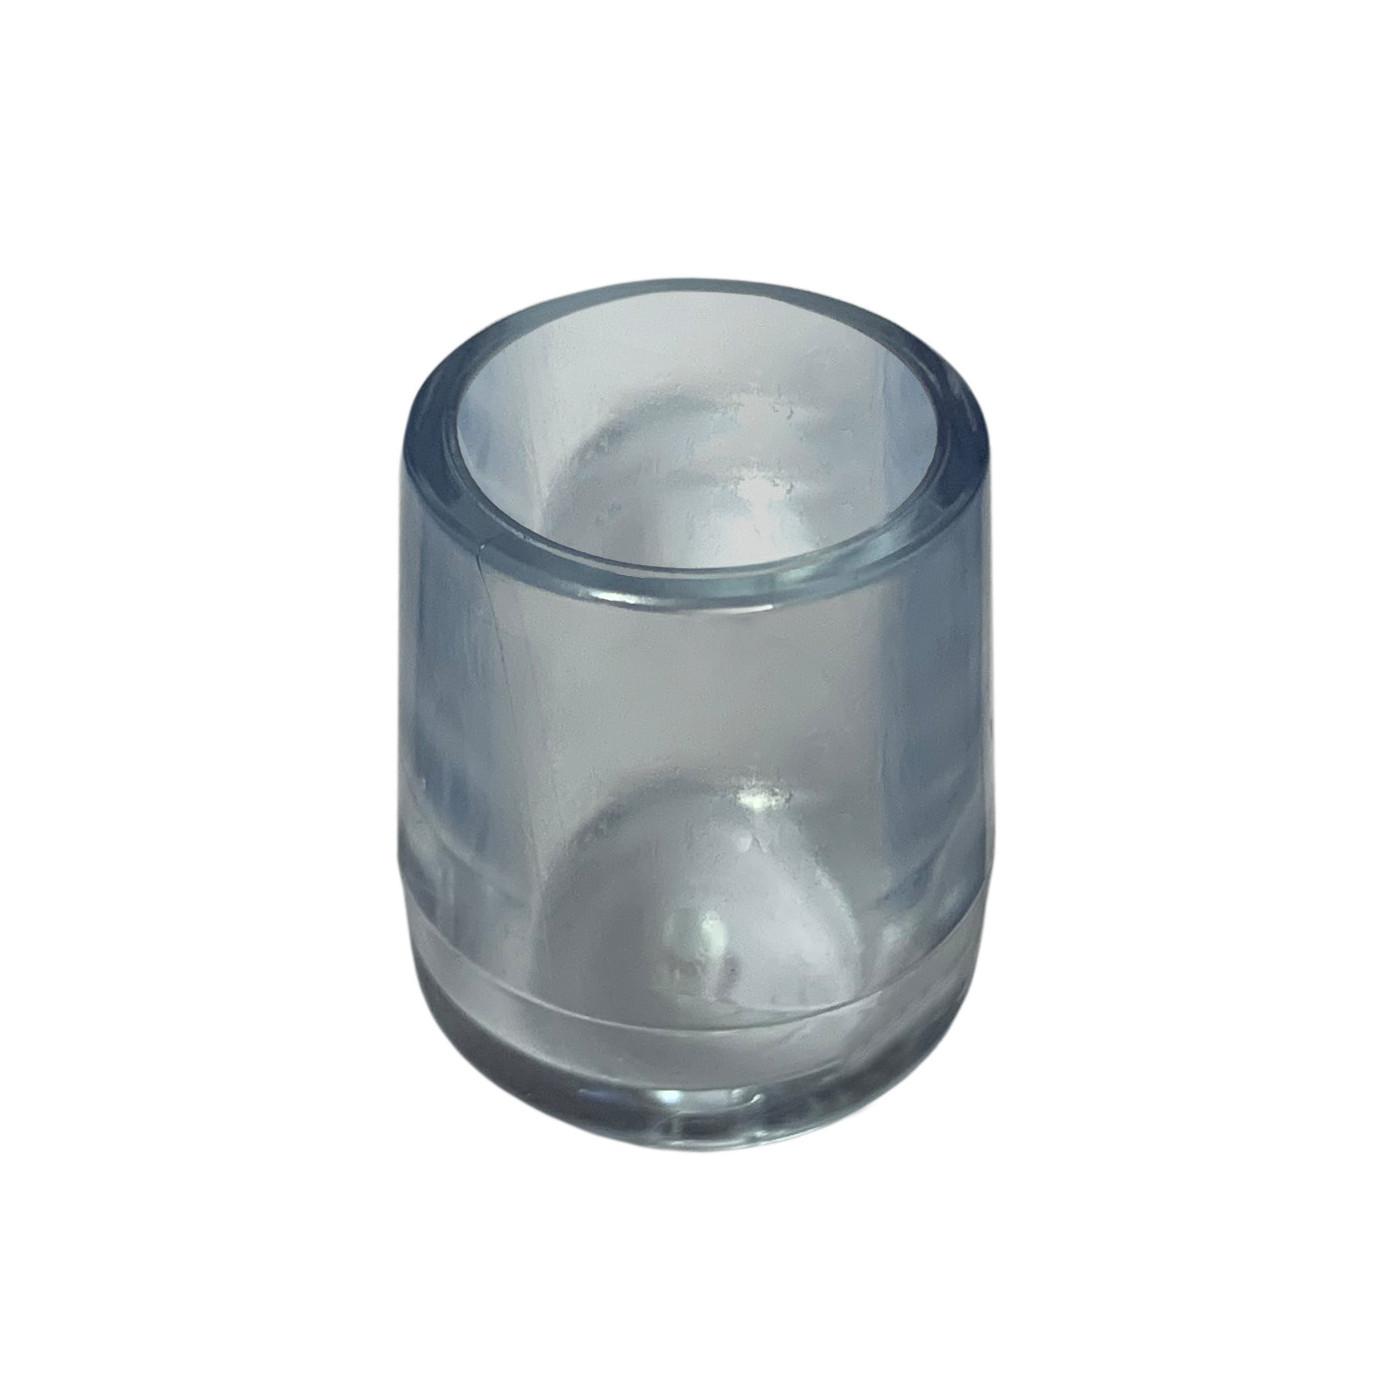 Set von 16 flexibele Stuhlbeinkappen (Außenkappe, extra stark, rund, 15 mm, transparent) [O-RO-15-T-X]  - 1